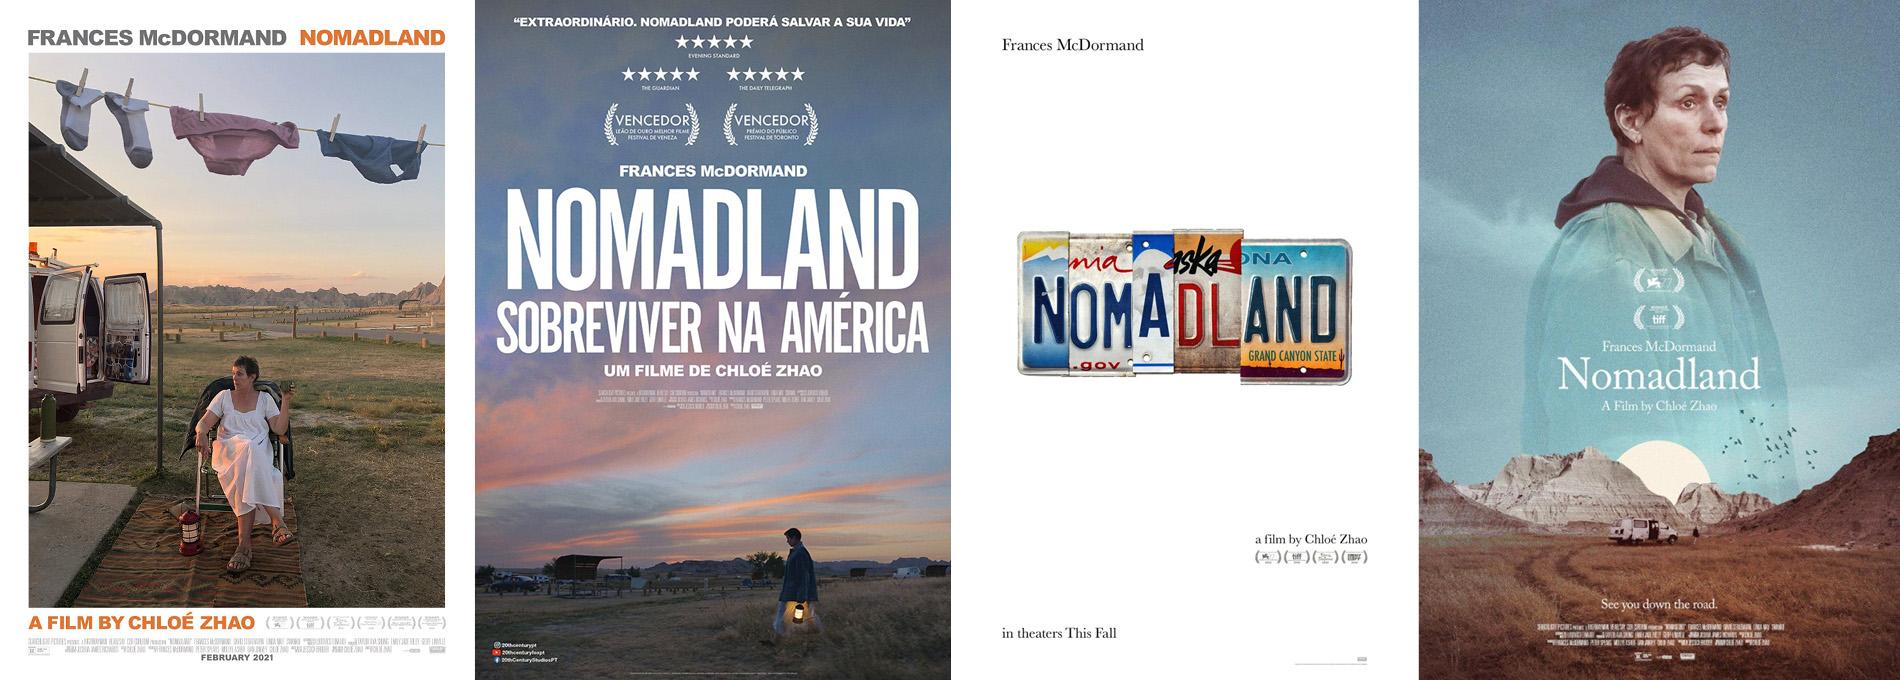 Cartazes poster filme